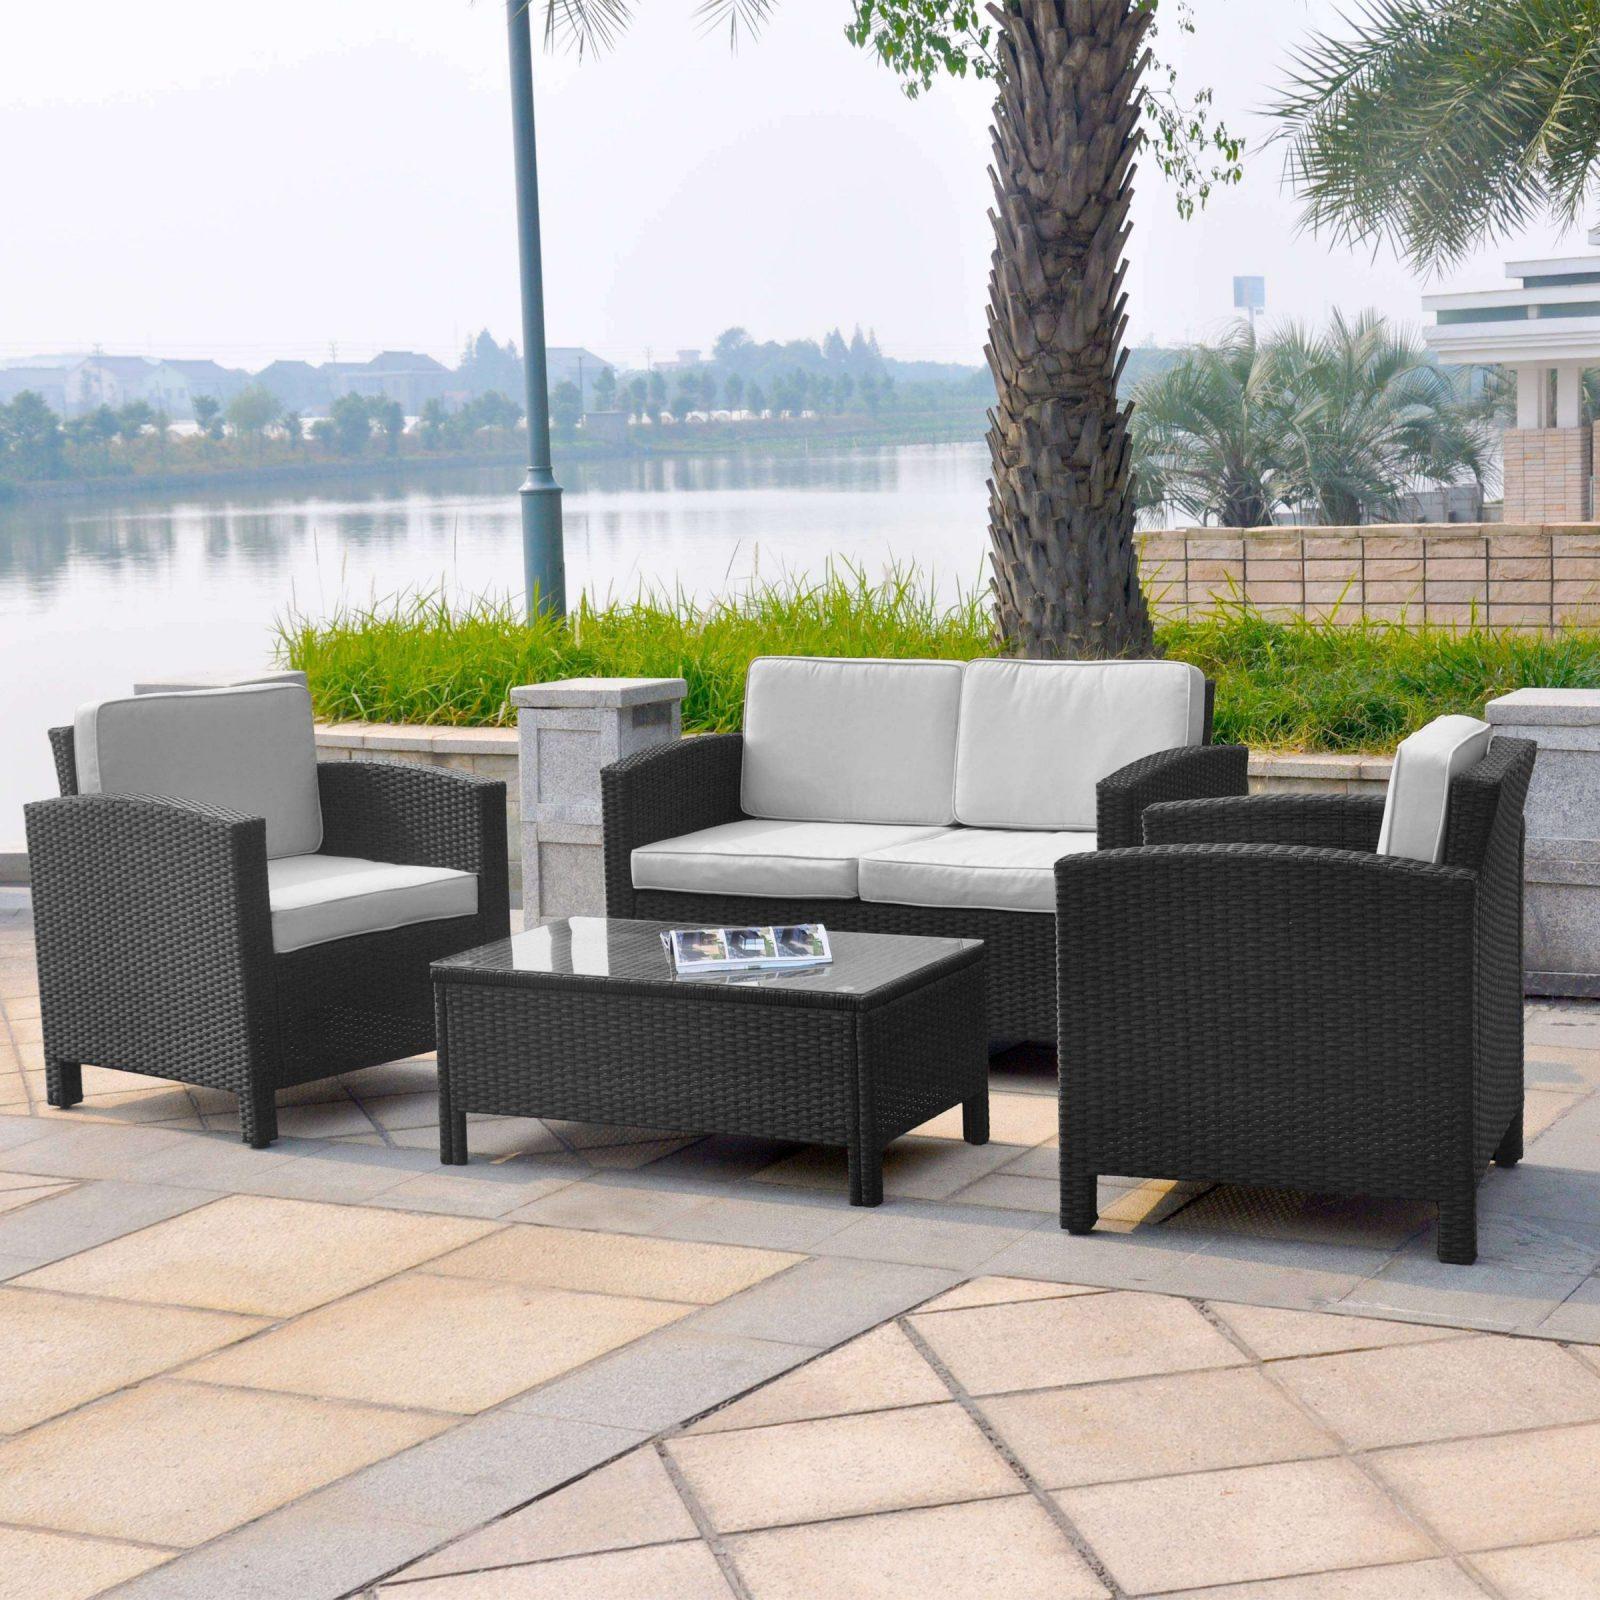 Das Beste Von Tisch Für Balkon Luxus Groß Fantastisch Sofa Balkon von Balkon Eckbank Mit Tisch Bild